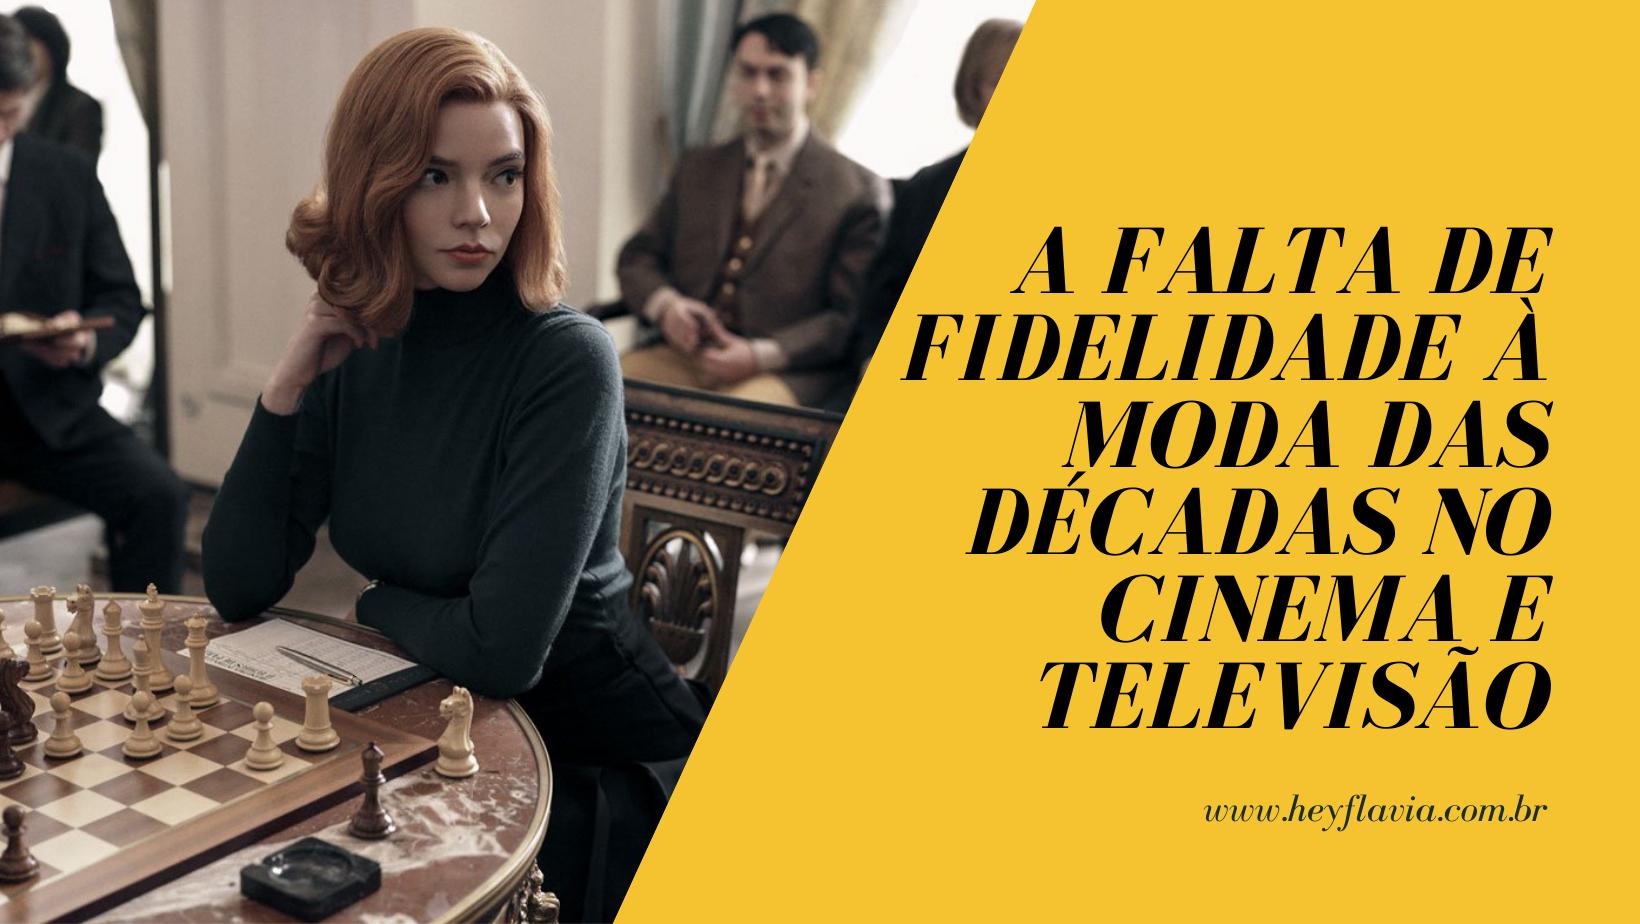 Fidelidade da moda de décadas no cinema e televisão